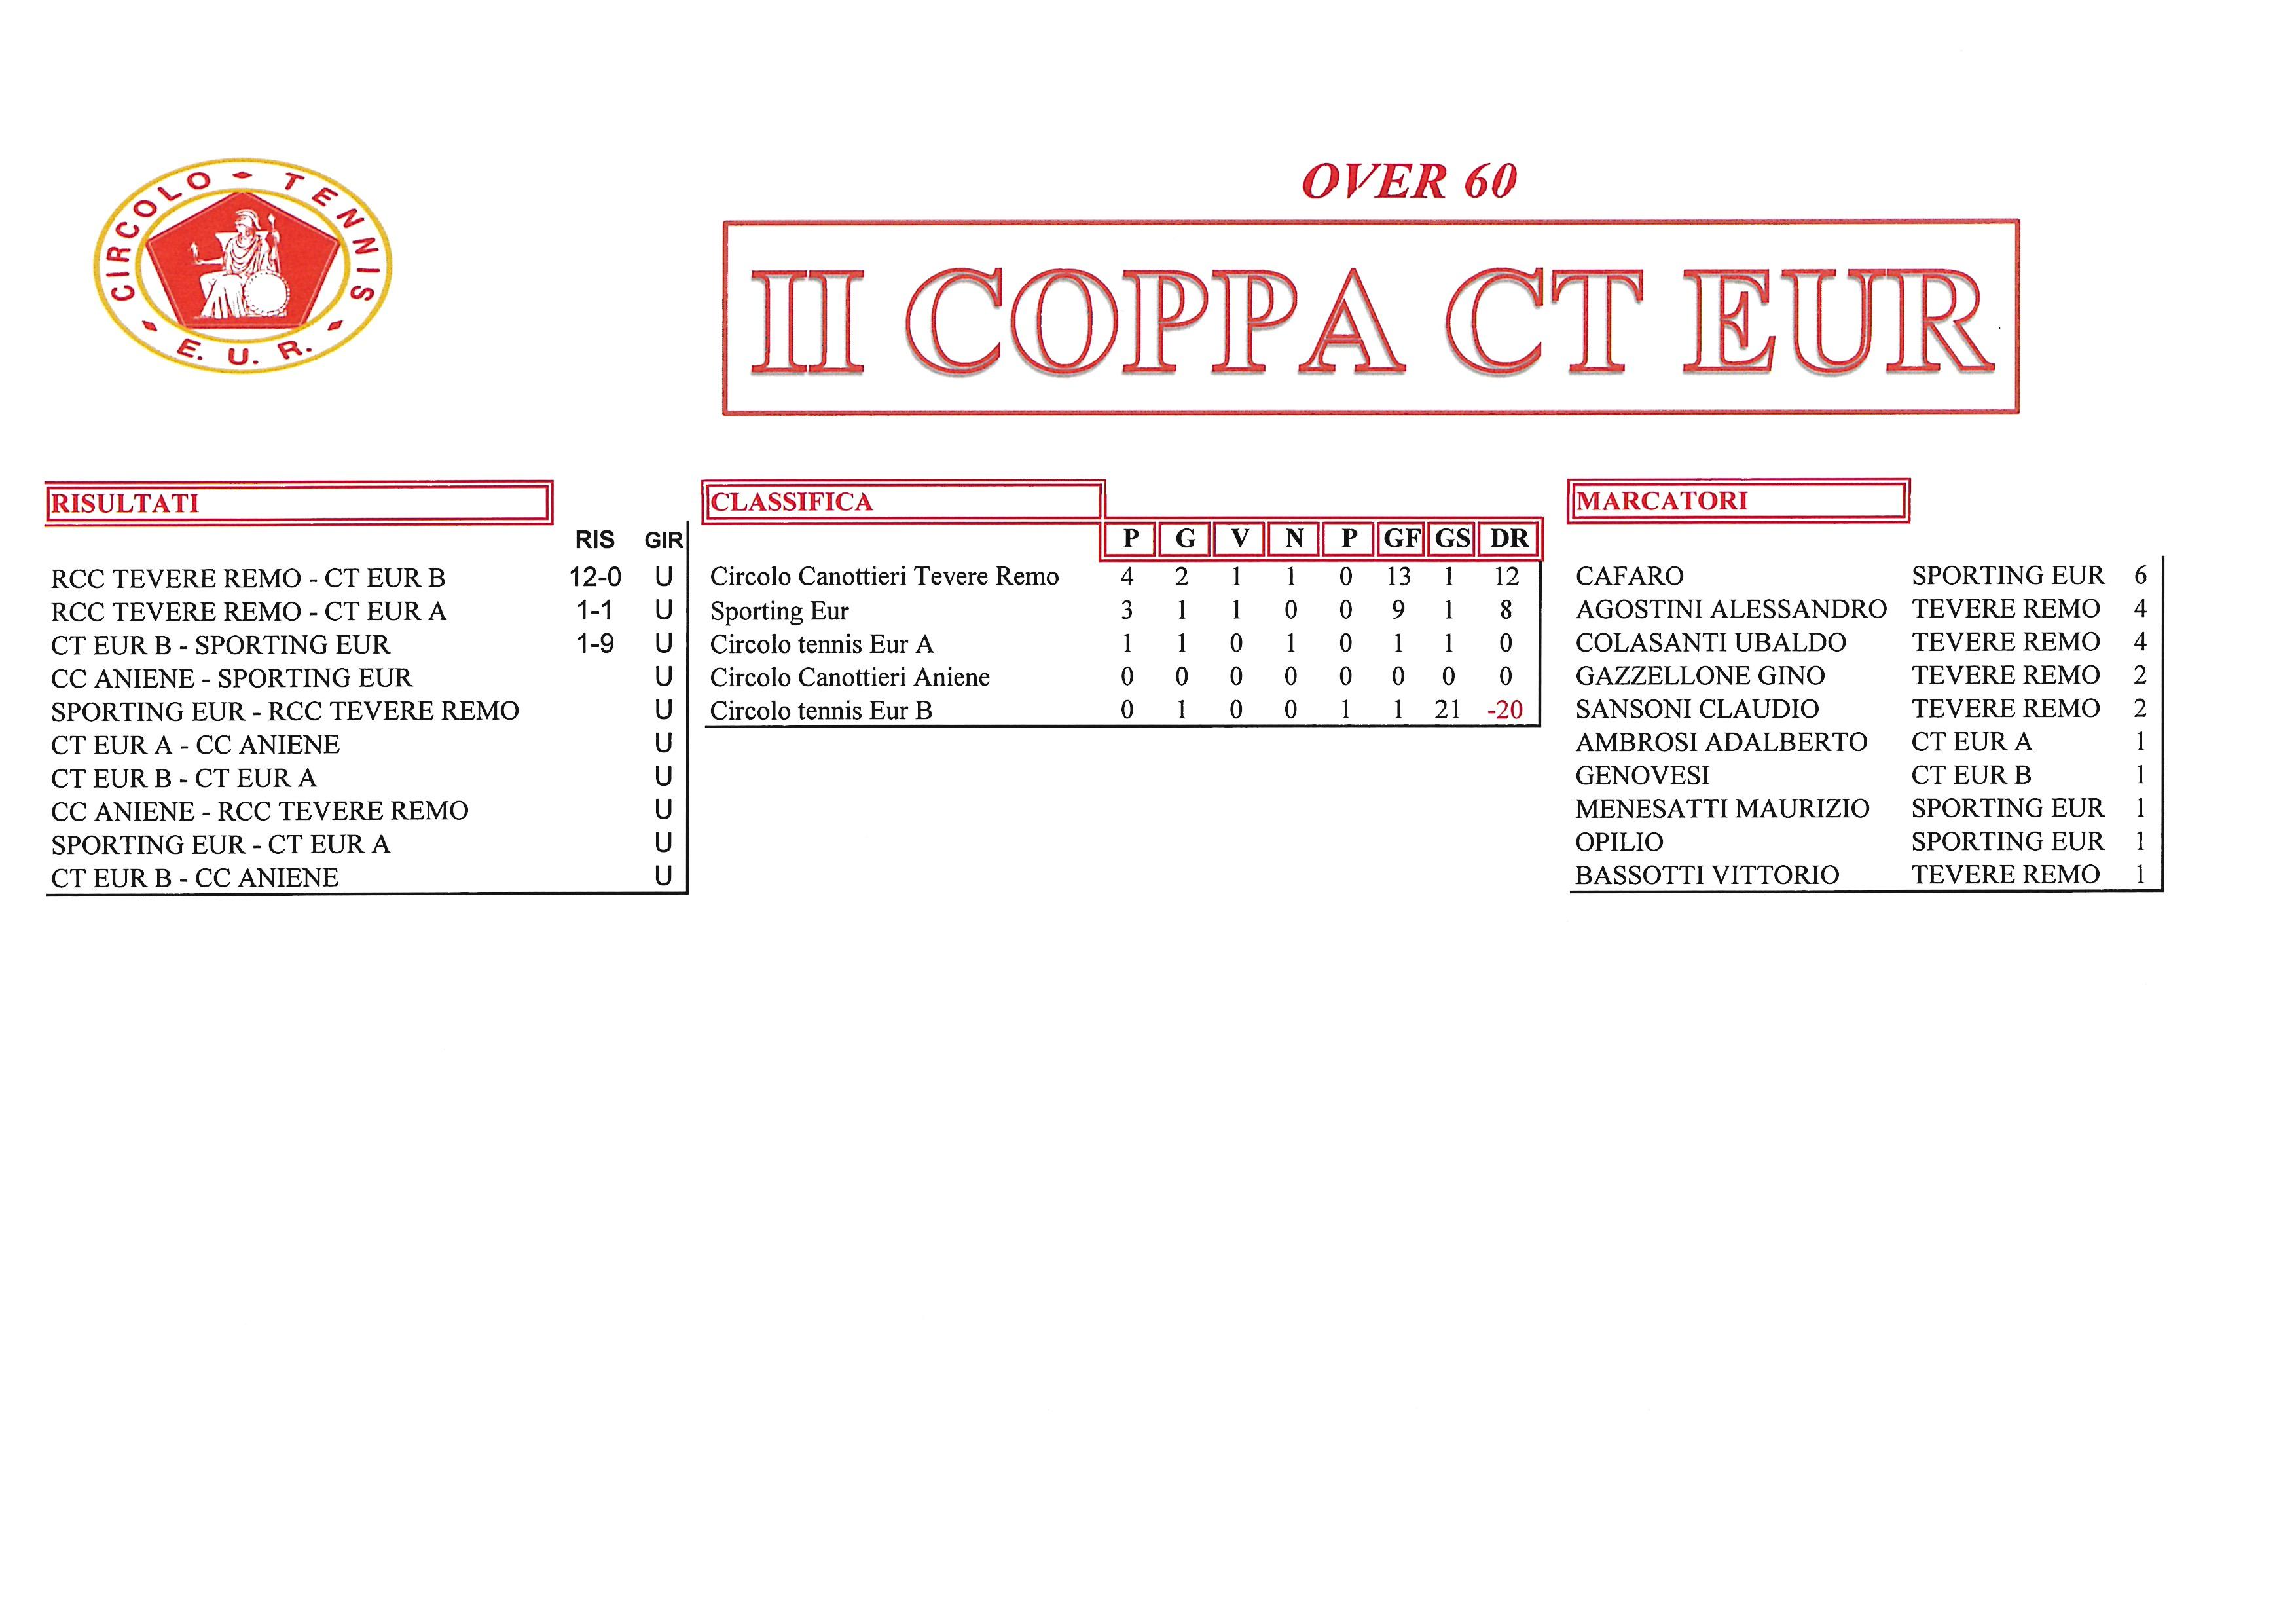 Coppa-CT-Eur-risultati-del-22-settembre2017-Over-60